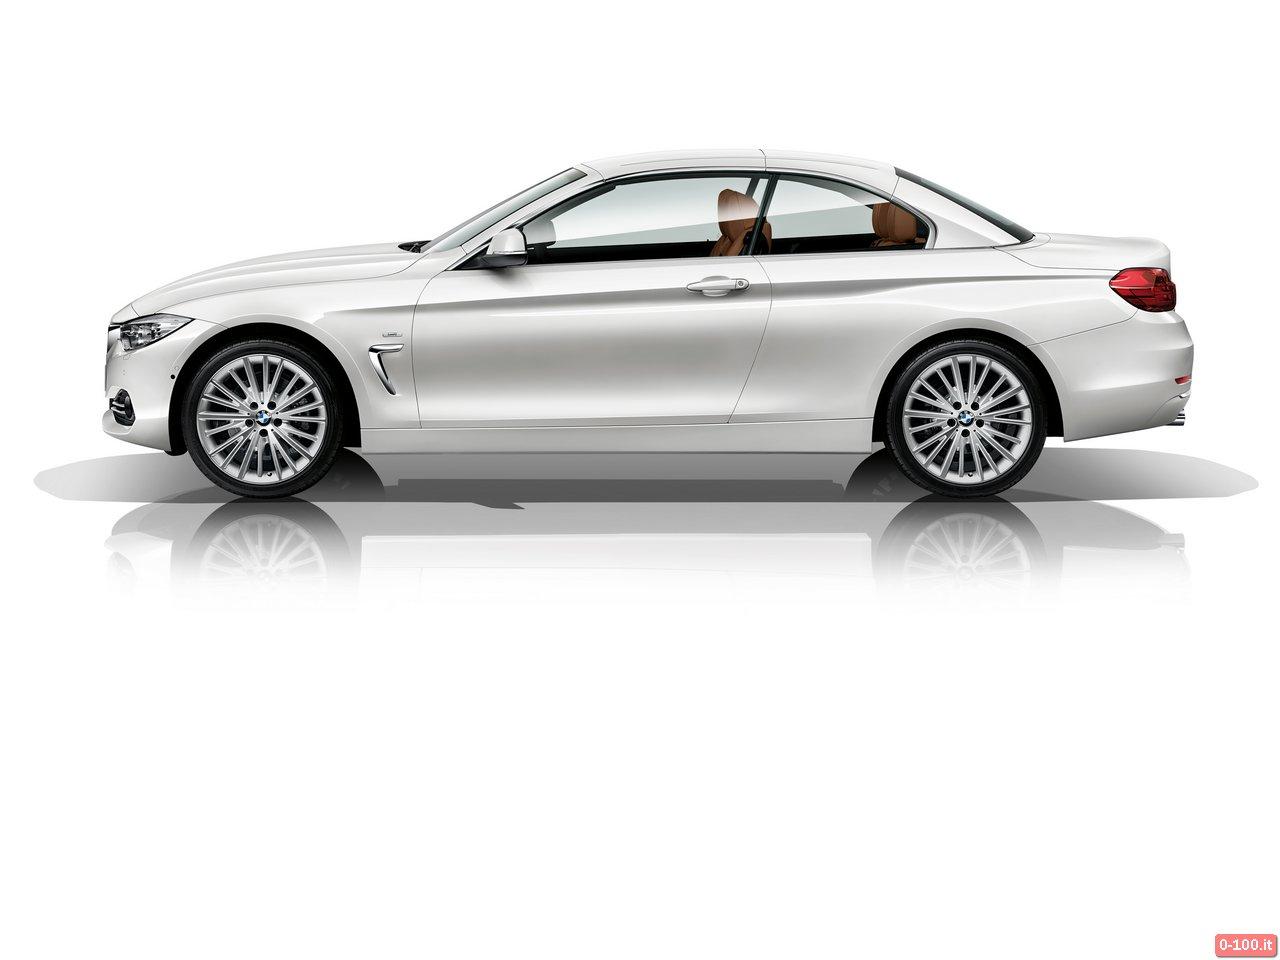 BMW-serie-4-cabrio-420d-428i-435i-cabrio_39